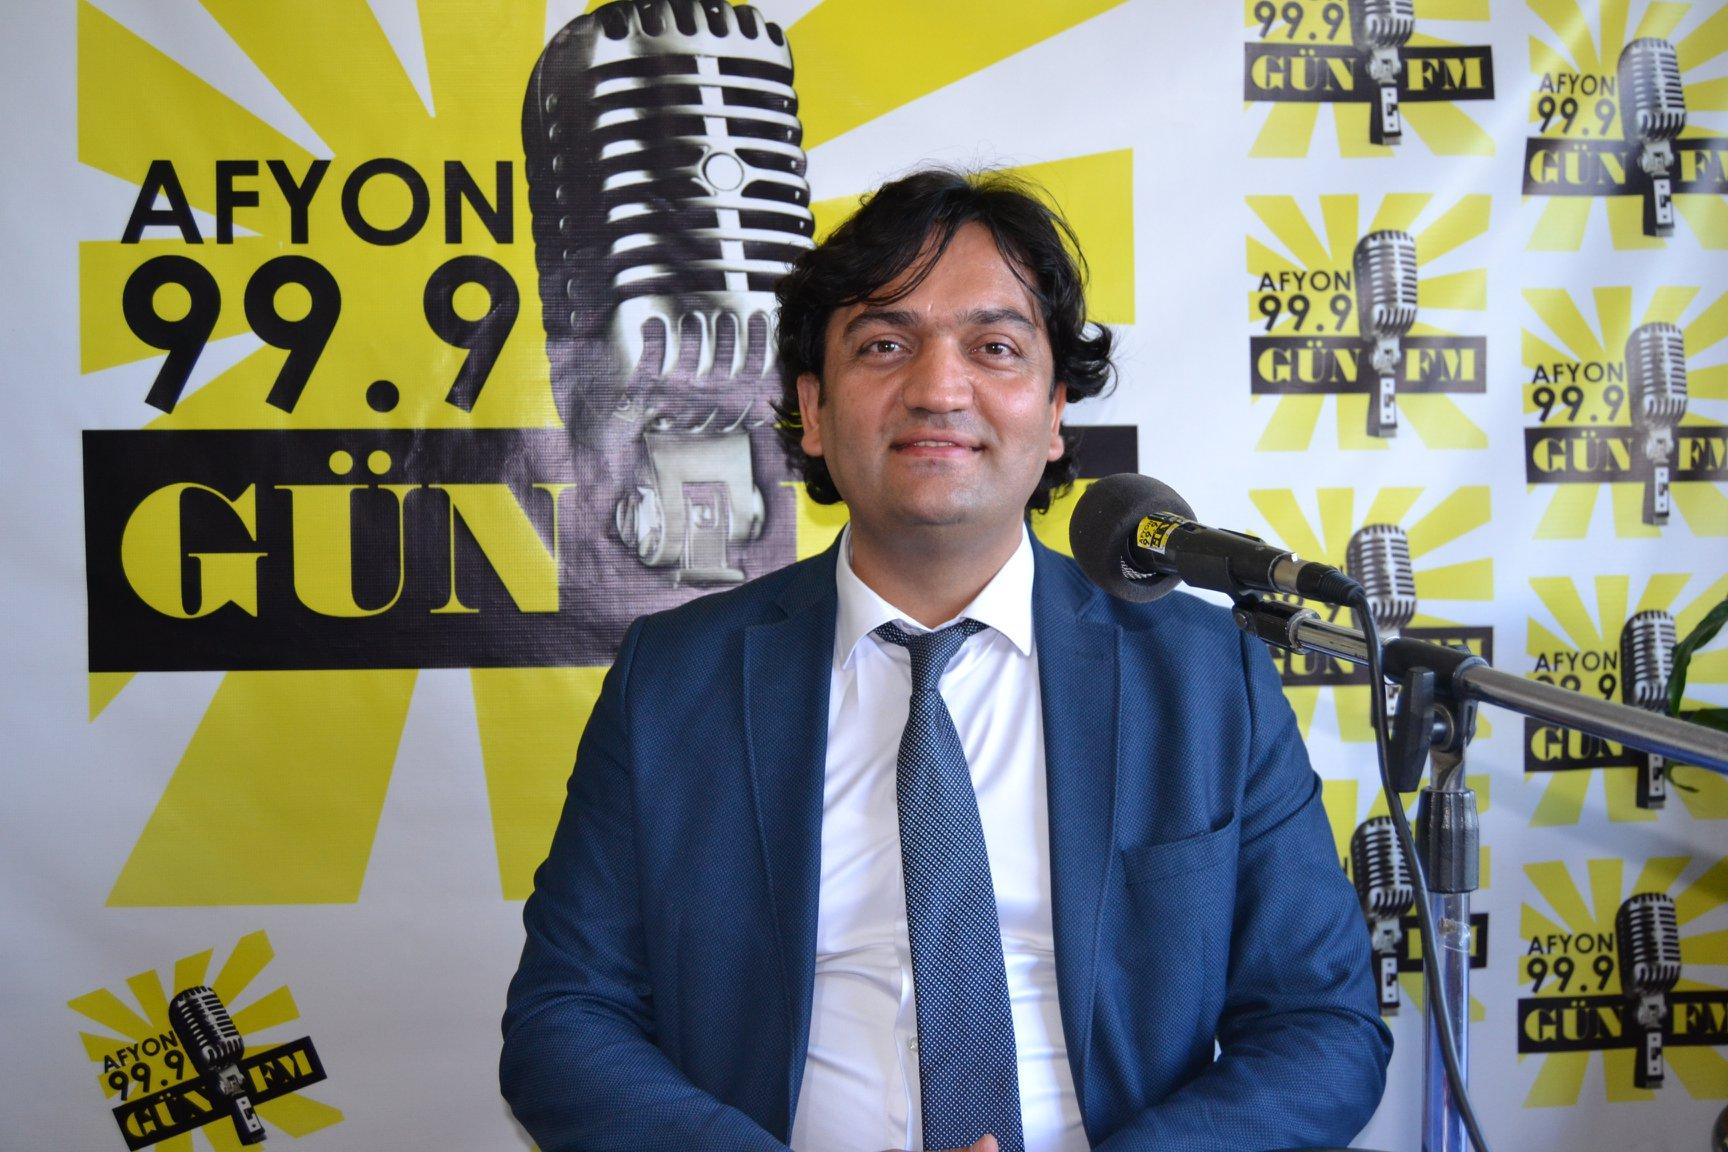 Gün FM'de hasta hakları konuşuldu